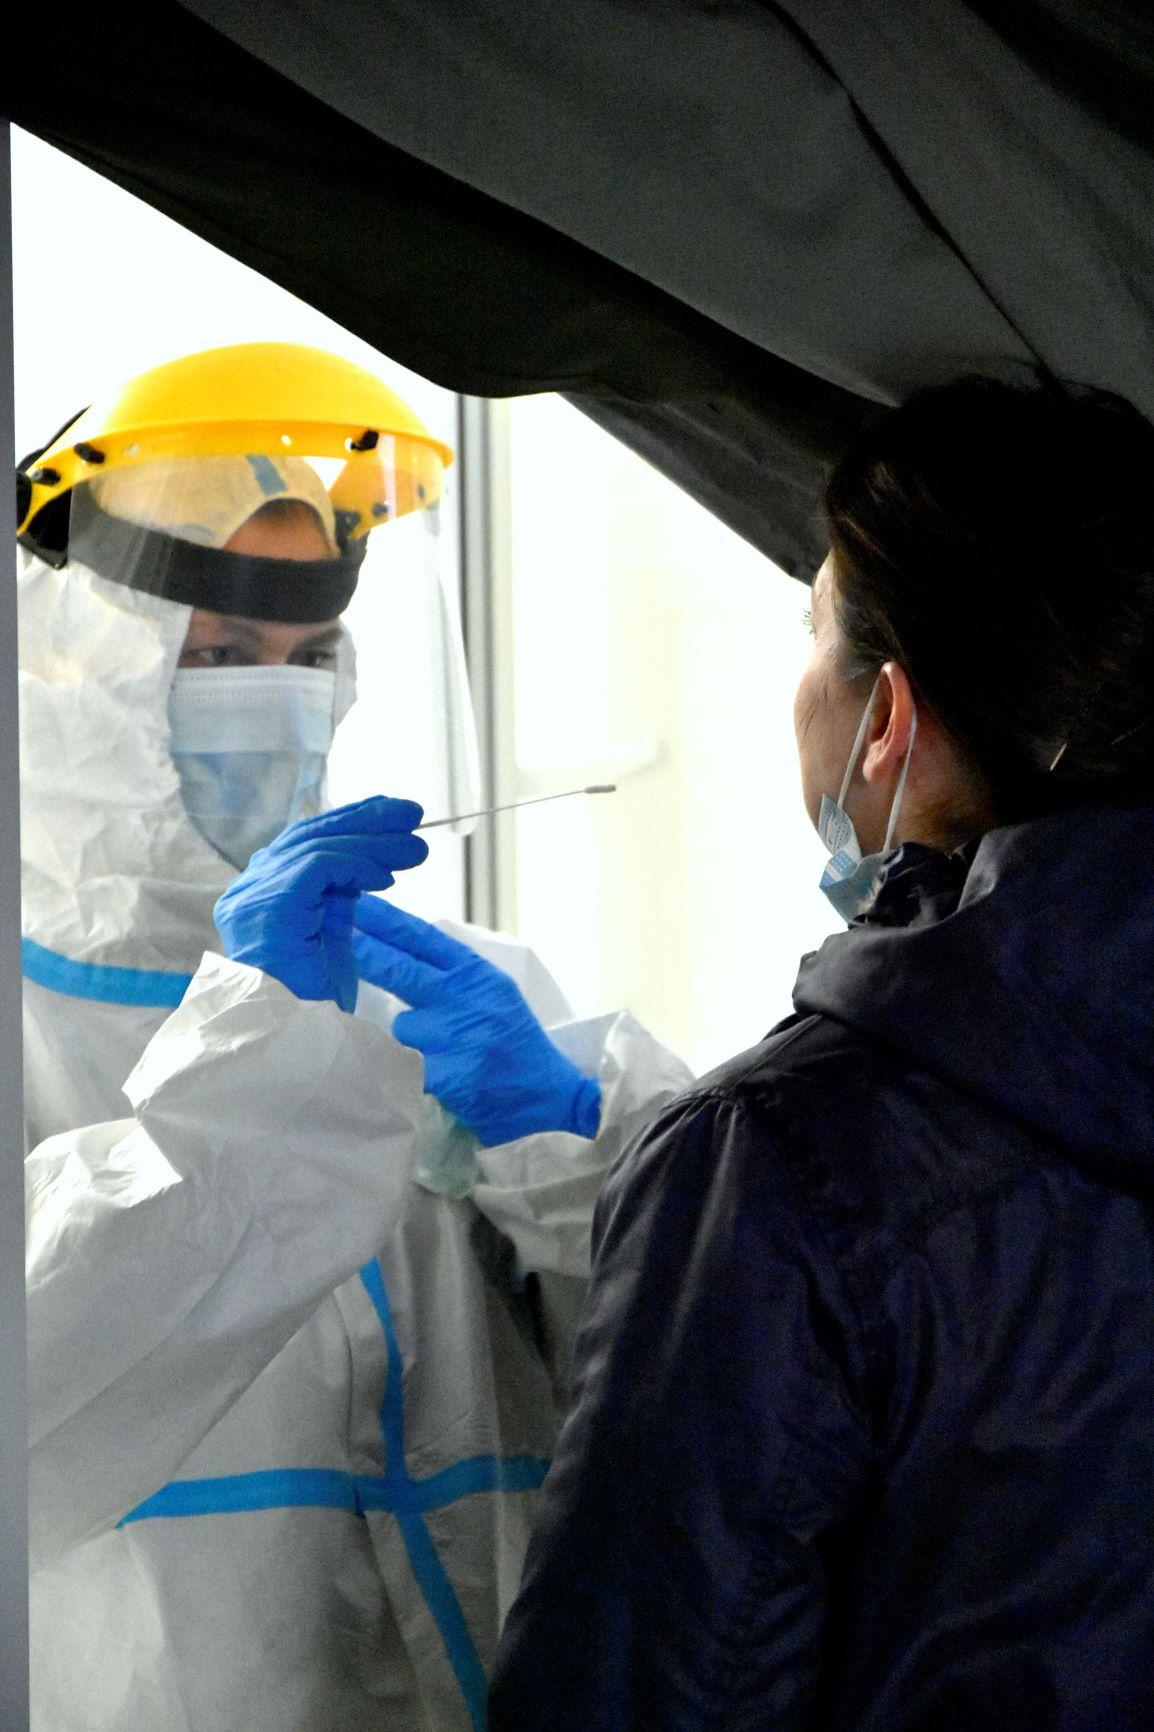 Lubelscy terytorialsi testują pracowników szkół na obecność COVID-19 - Zdjęcie główne